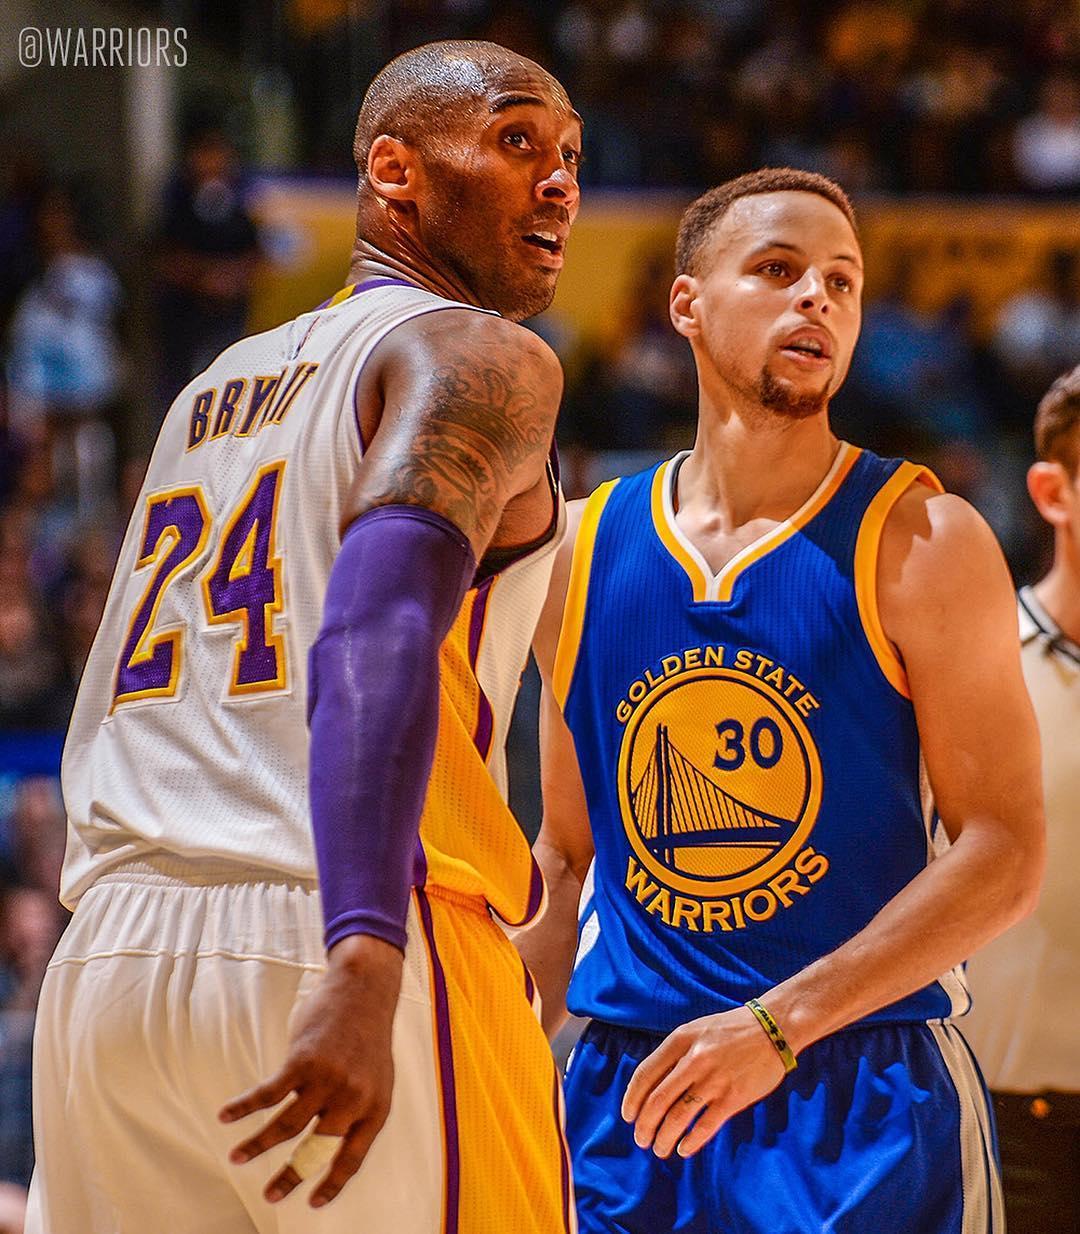 Huertas ofusca Curry e comanda vitória do Lakers sobre o Warriors ...